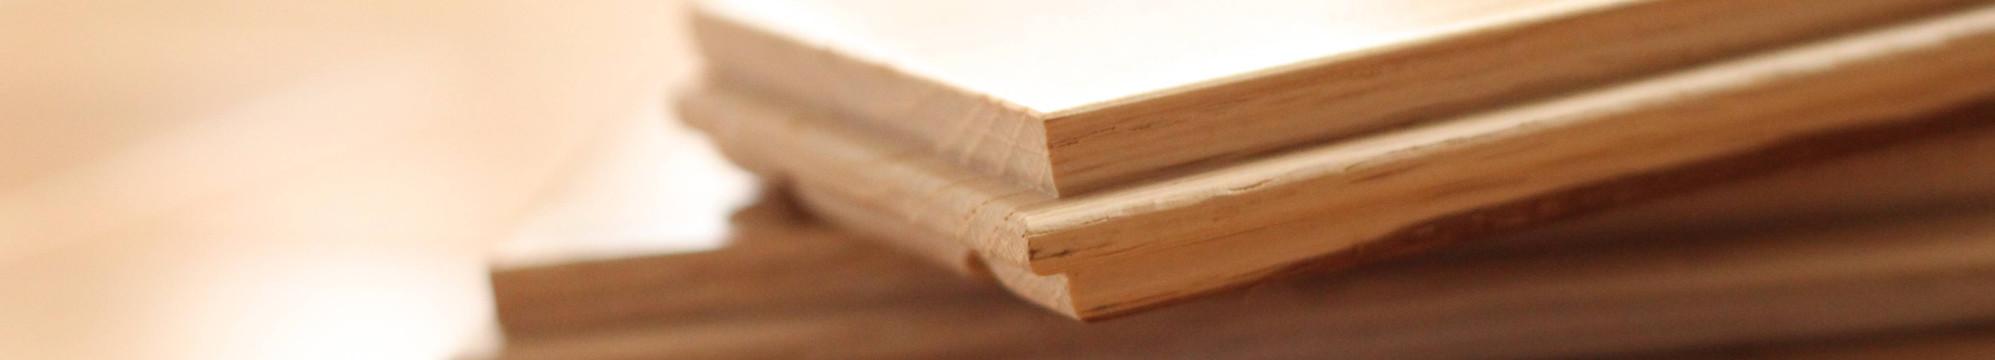 Om legno snc